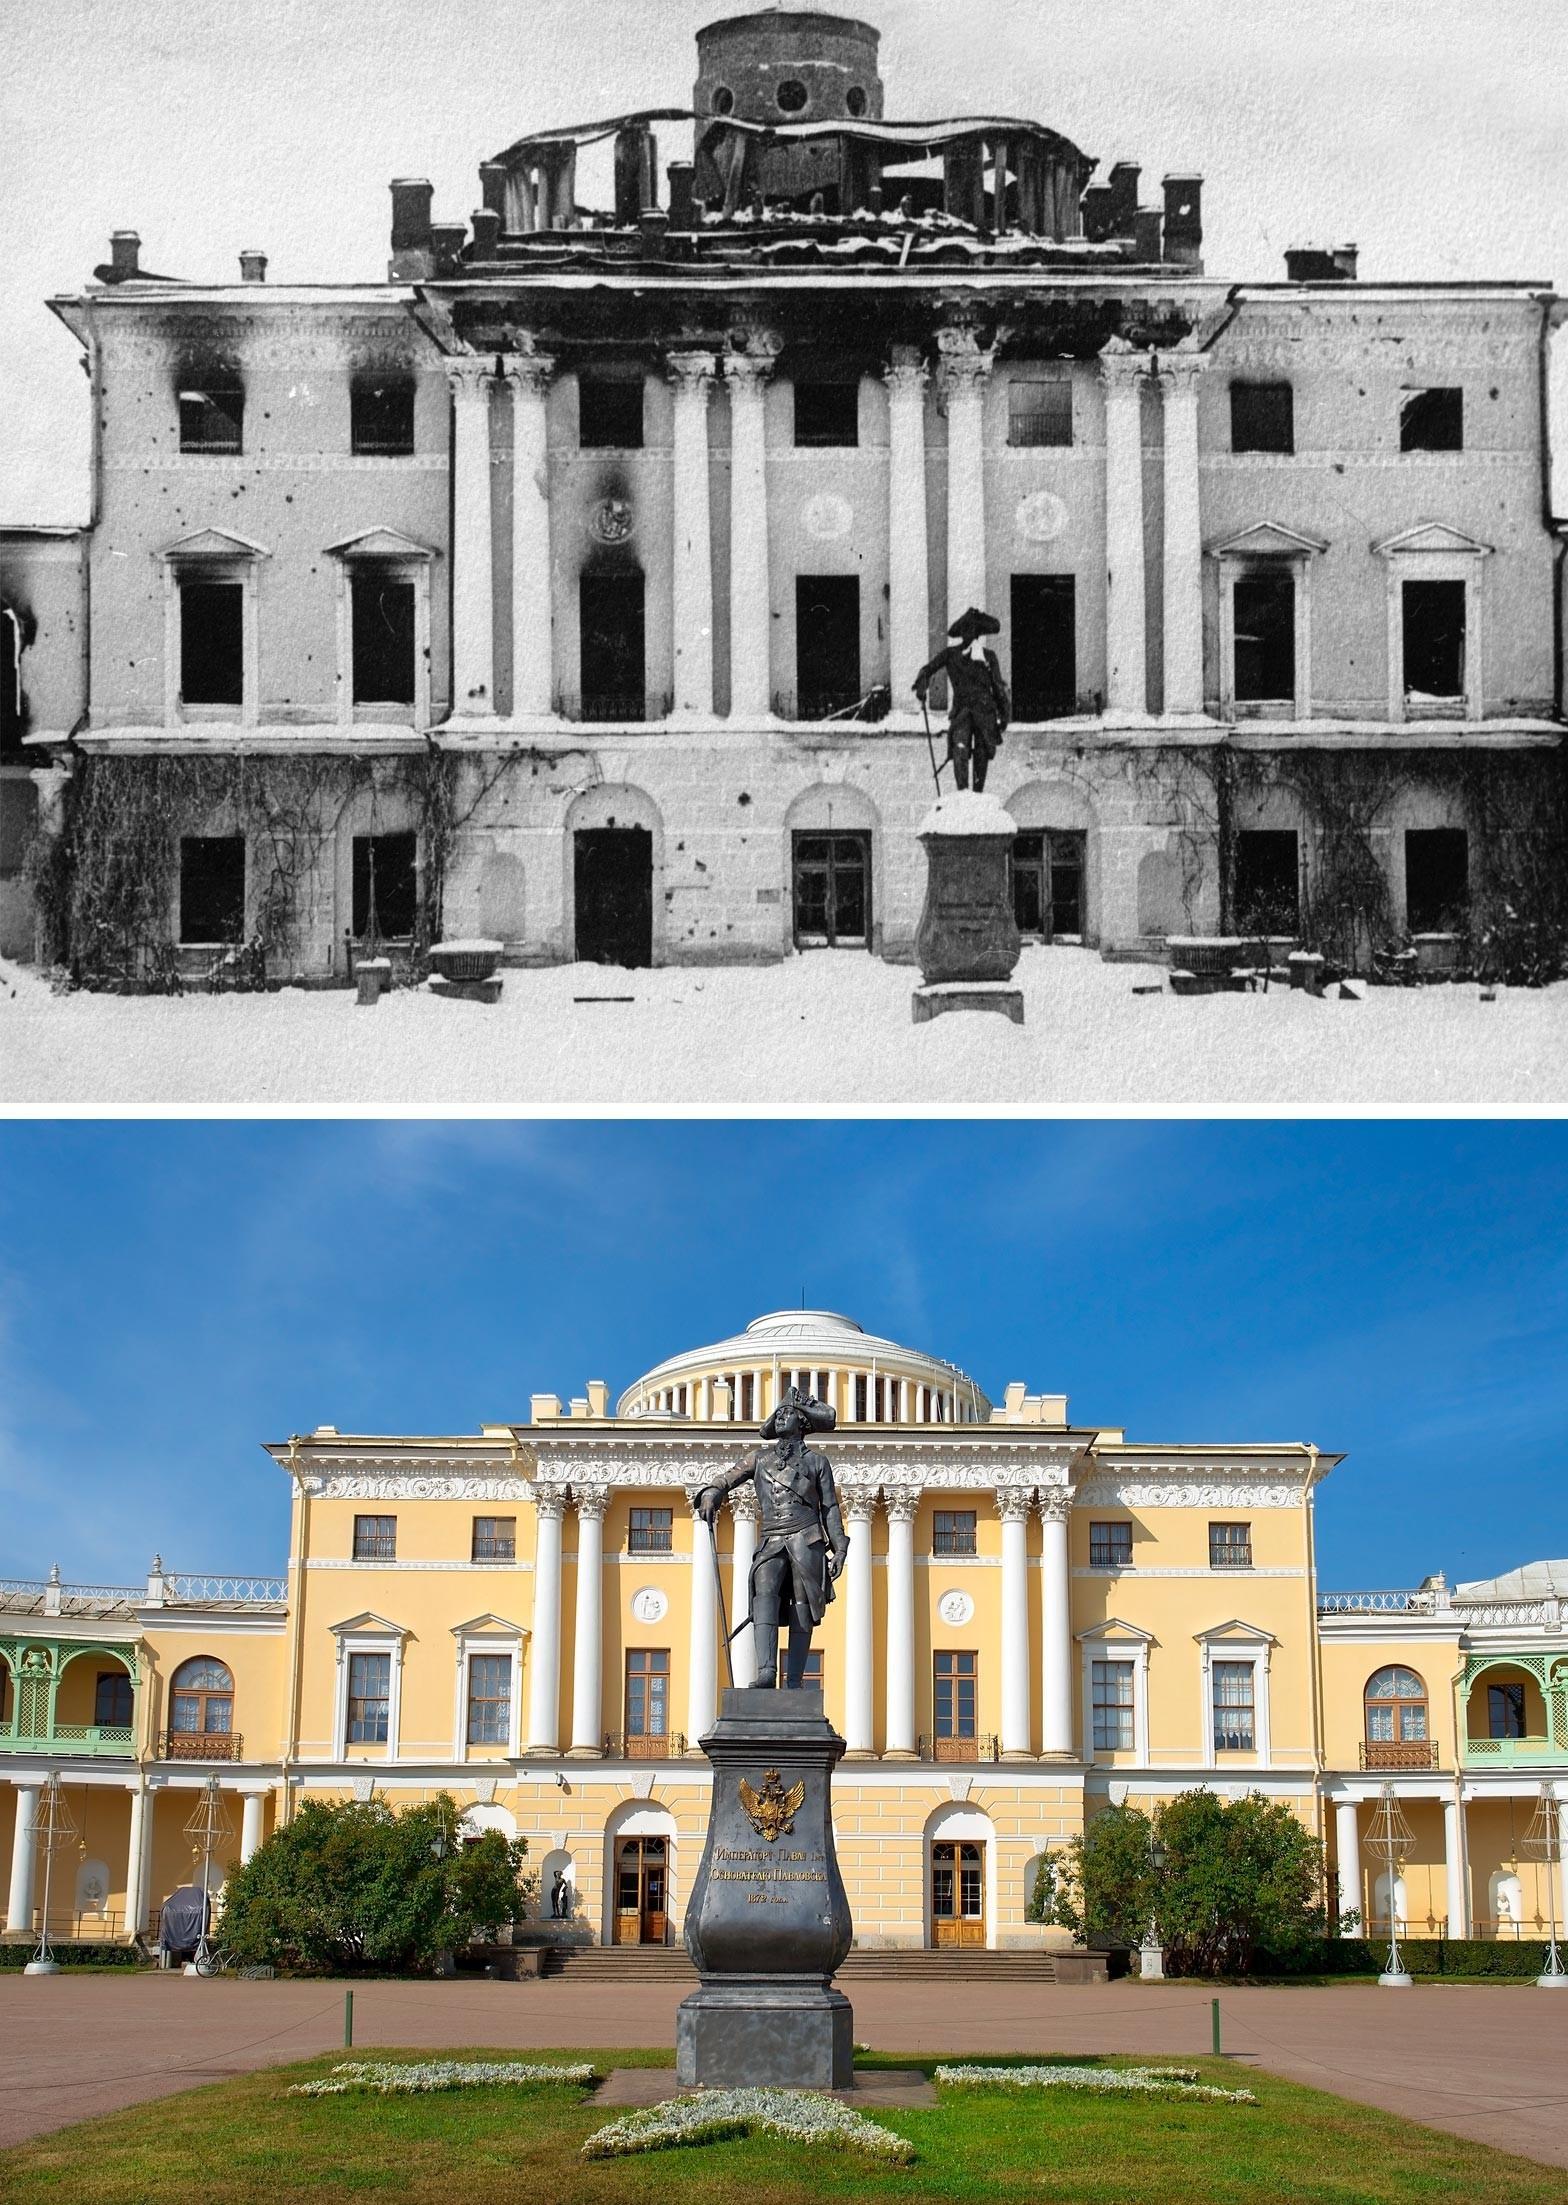 Palácio Pavlovsk em 1944 e agora